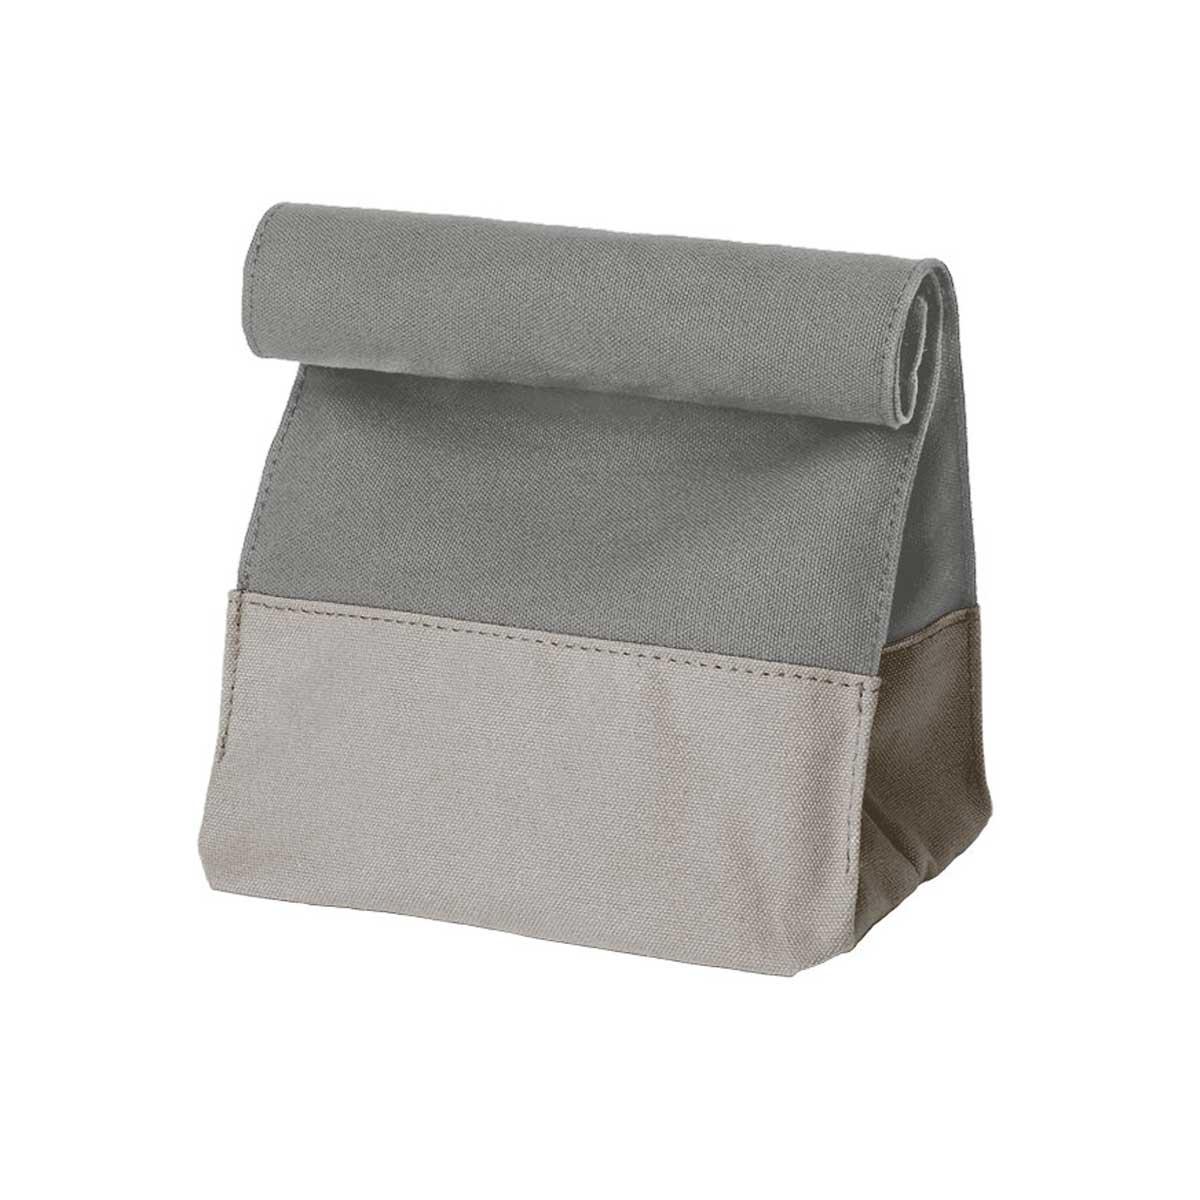 C042 lunchbag gray copy 600x600 2x